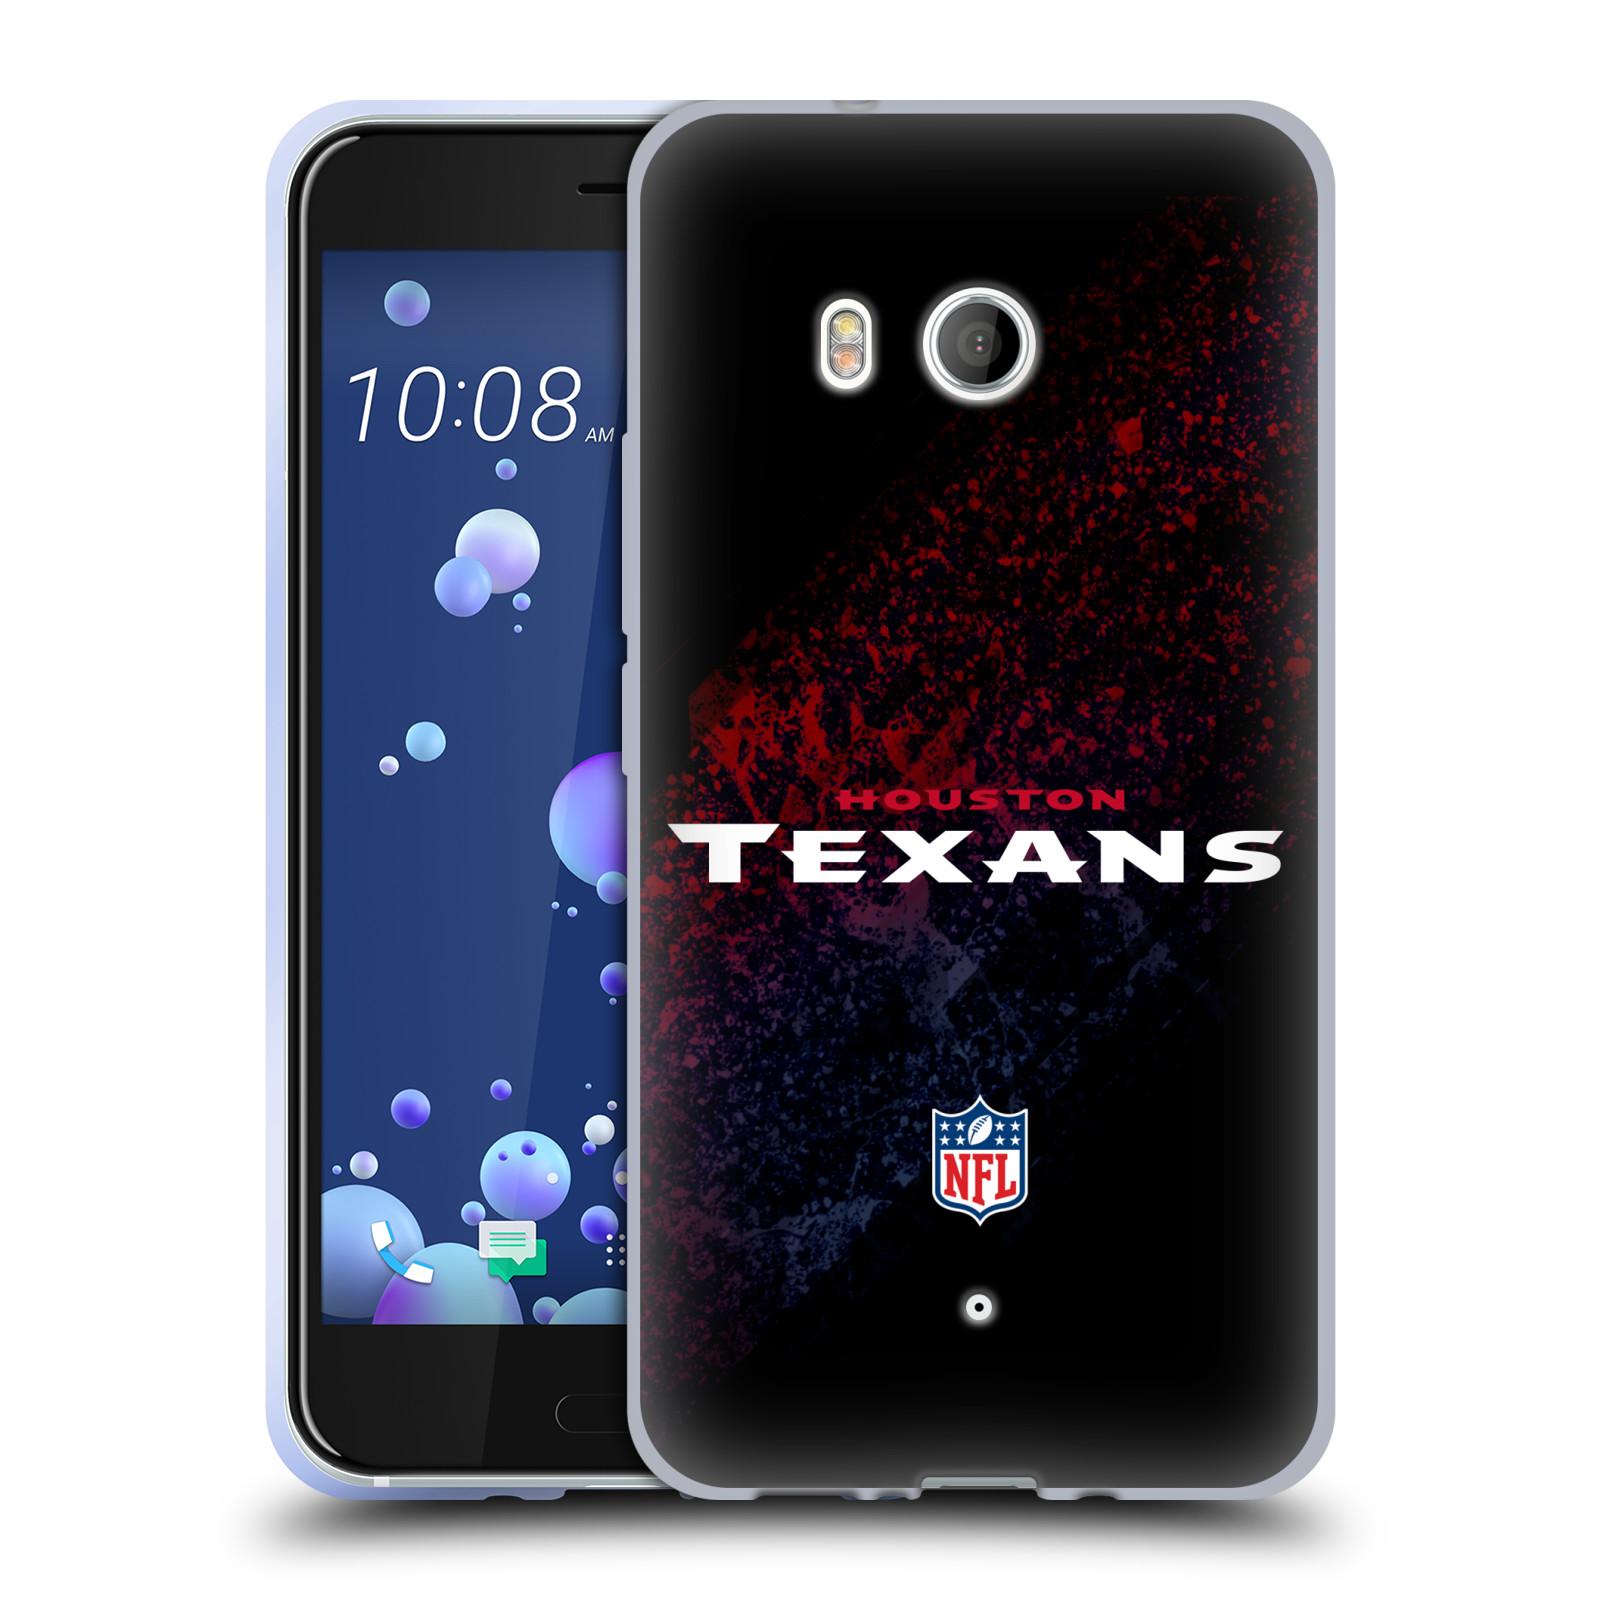 Logotipo-oficial-de-la-NFL-Houston-Texans-caso-De-Gel-Suave-para-TELEFONOS-HTC-1